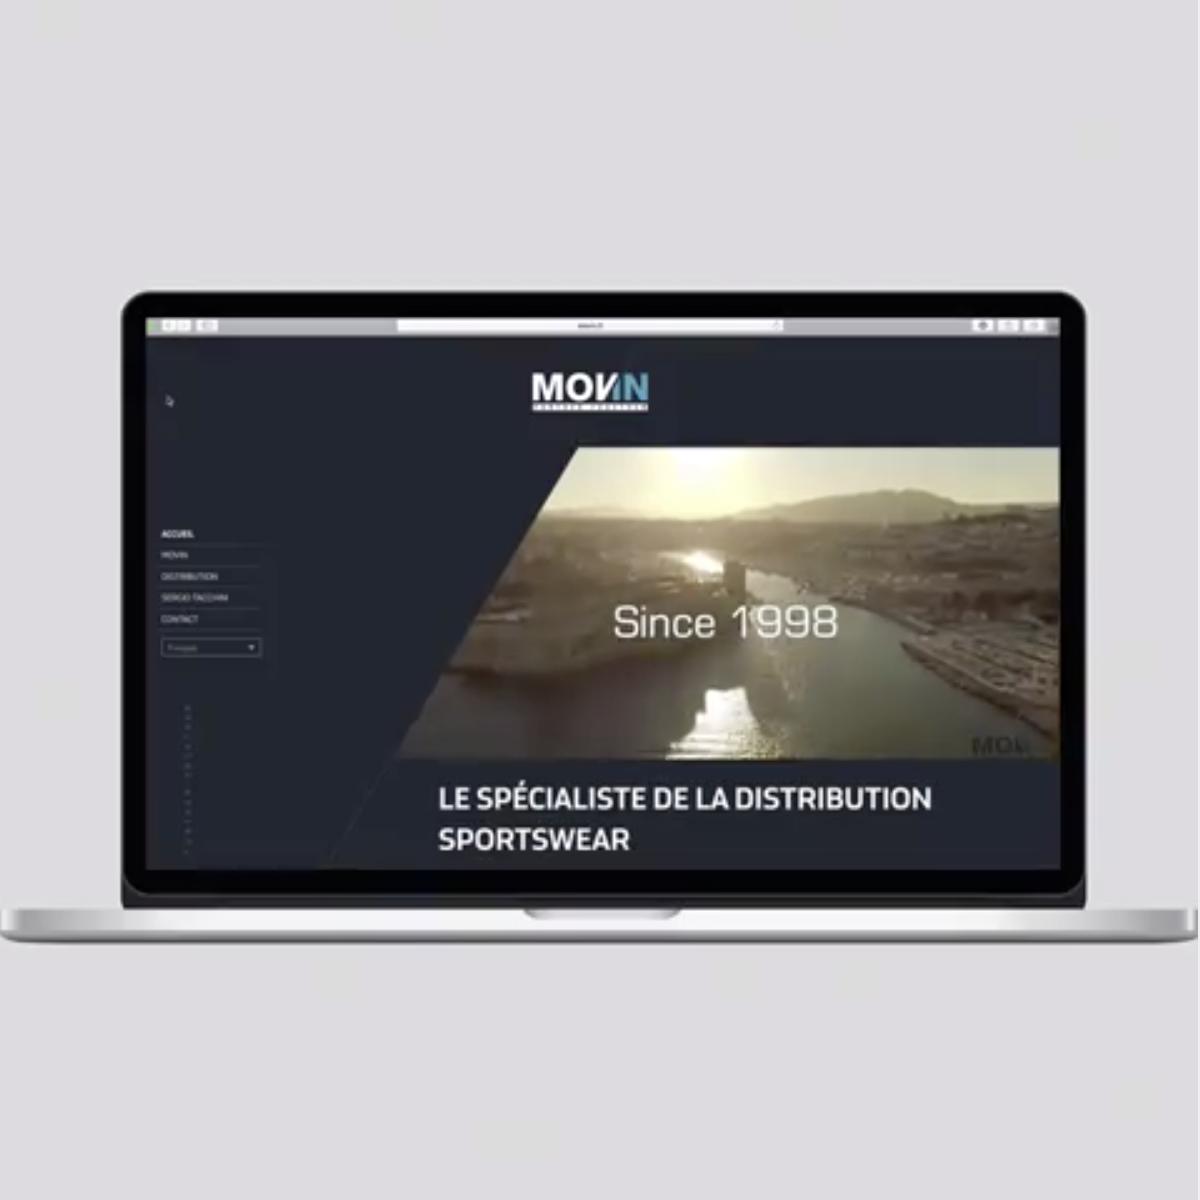 Movin_2